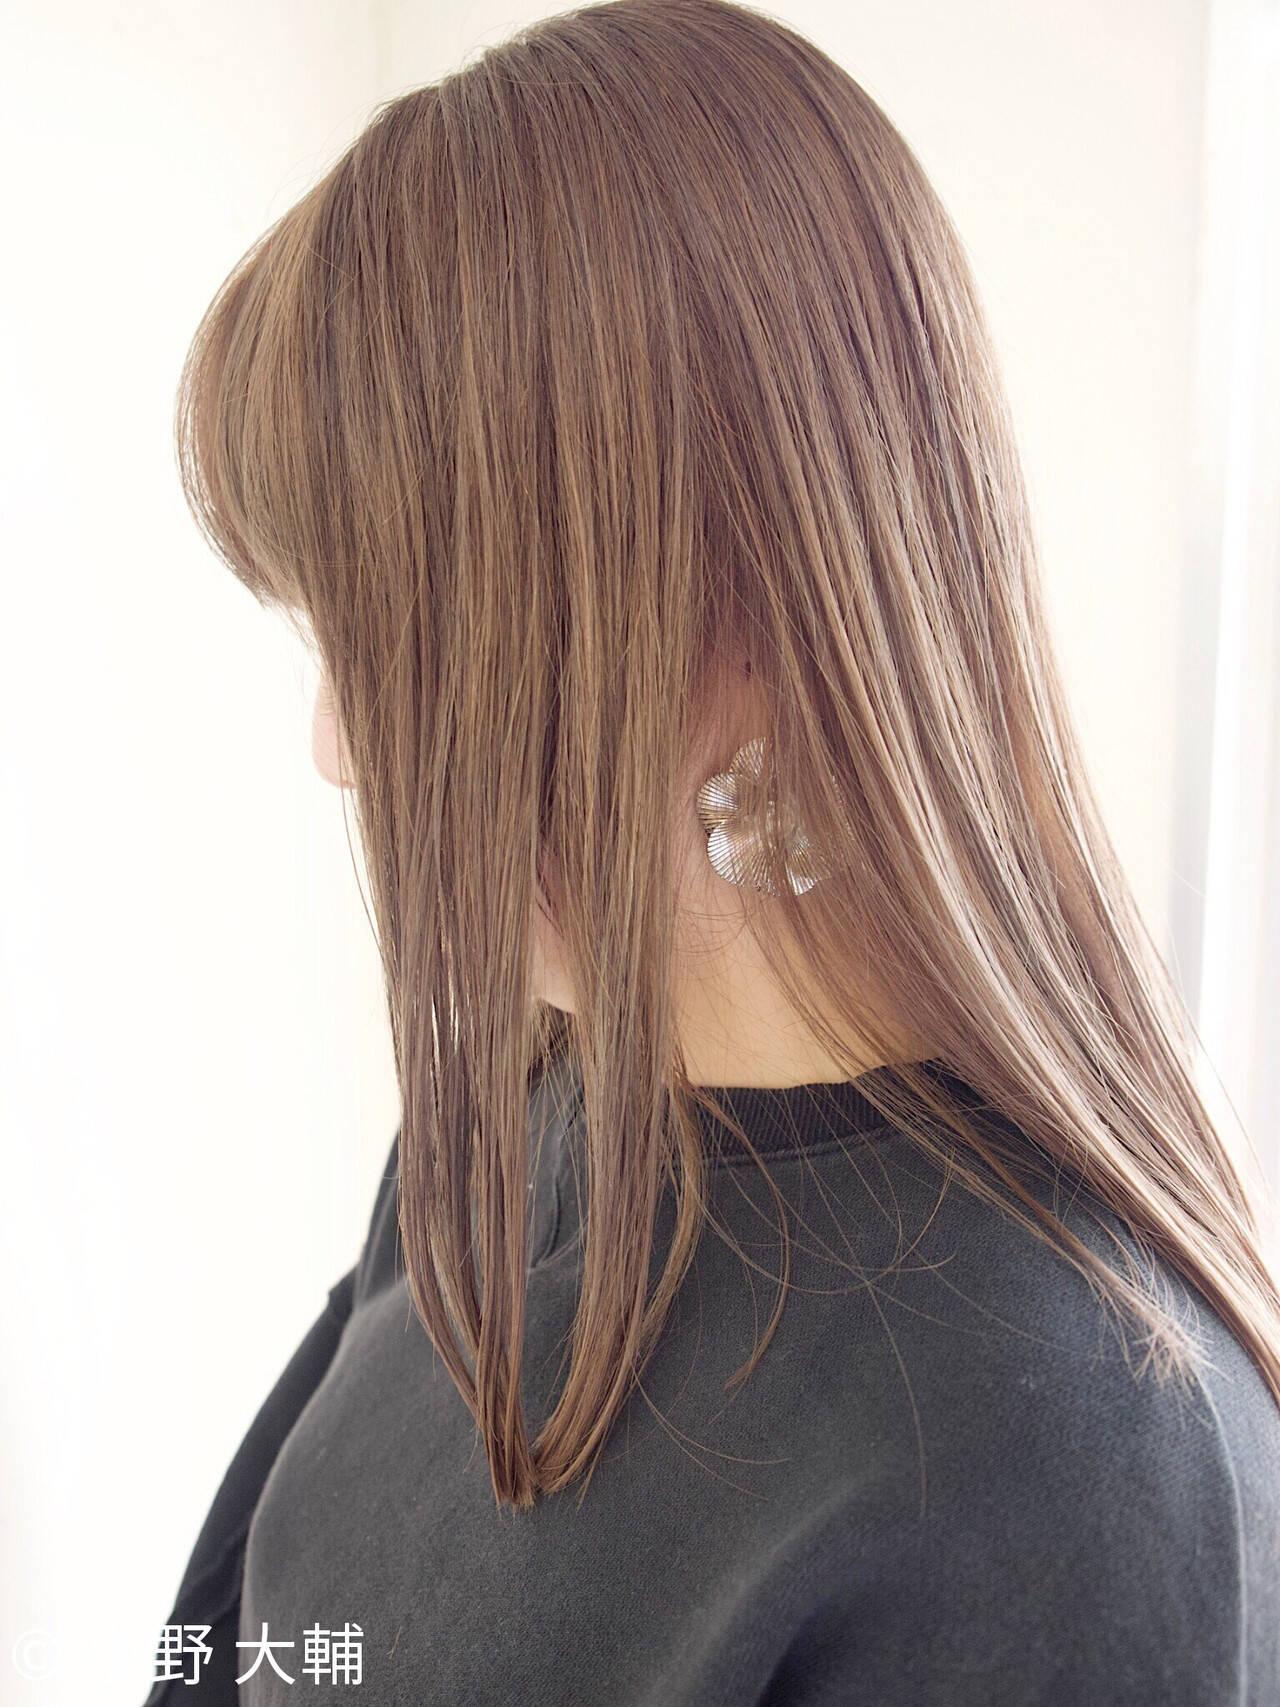 グレージュ ナチュラル 切りっぱなしボブ ミルクティーグレージュヘアスタイルや髪型の写真・画像